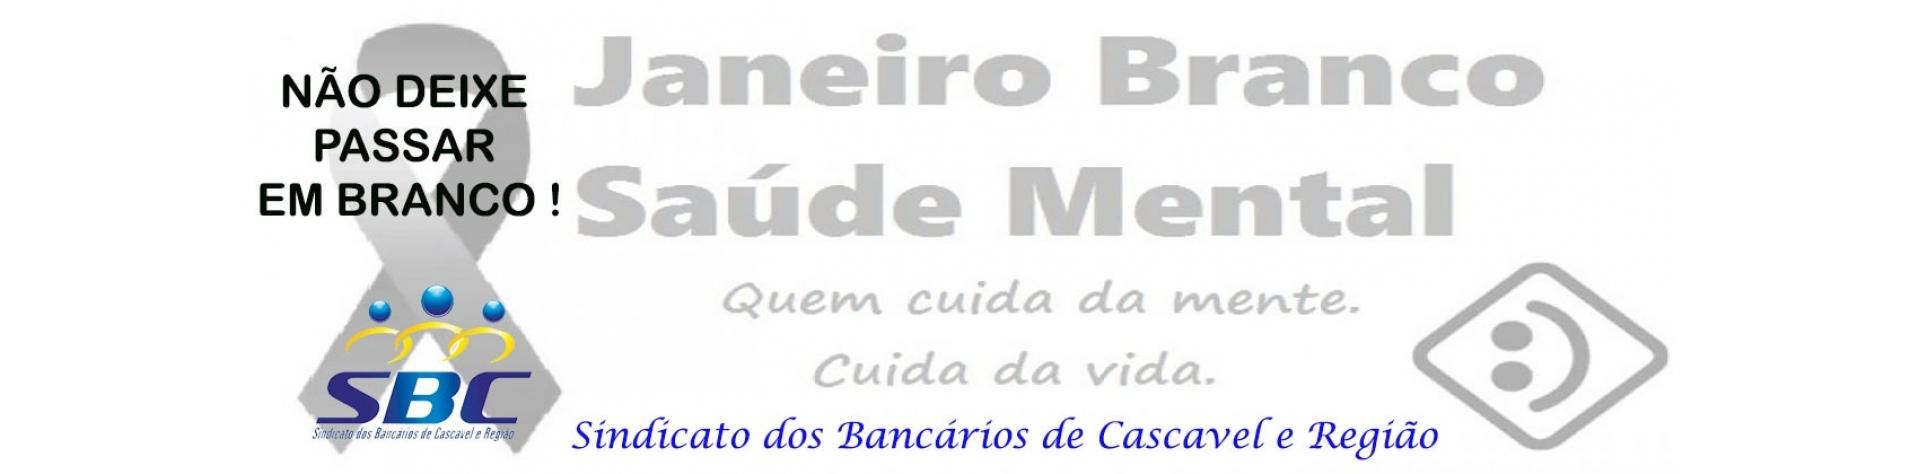 Janeiro Branco - Saúde Mental - Quem cuida da mente, cuida da vida.